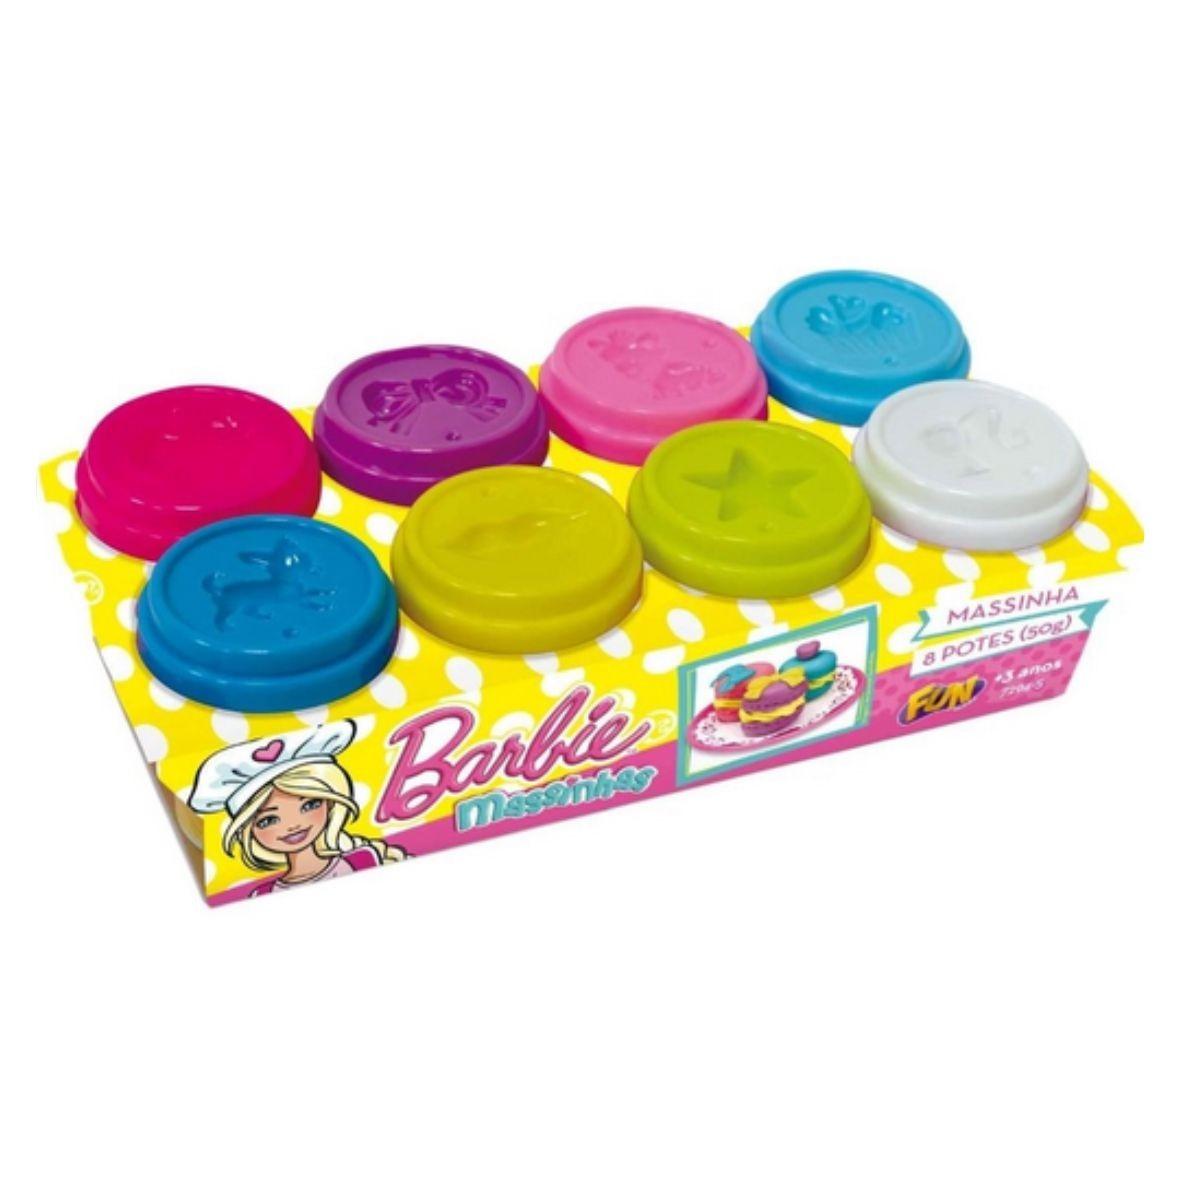 Massinha de Modelar Barbie - 8 potes - Fun